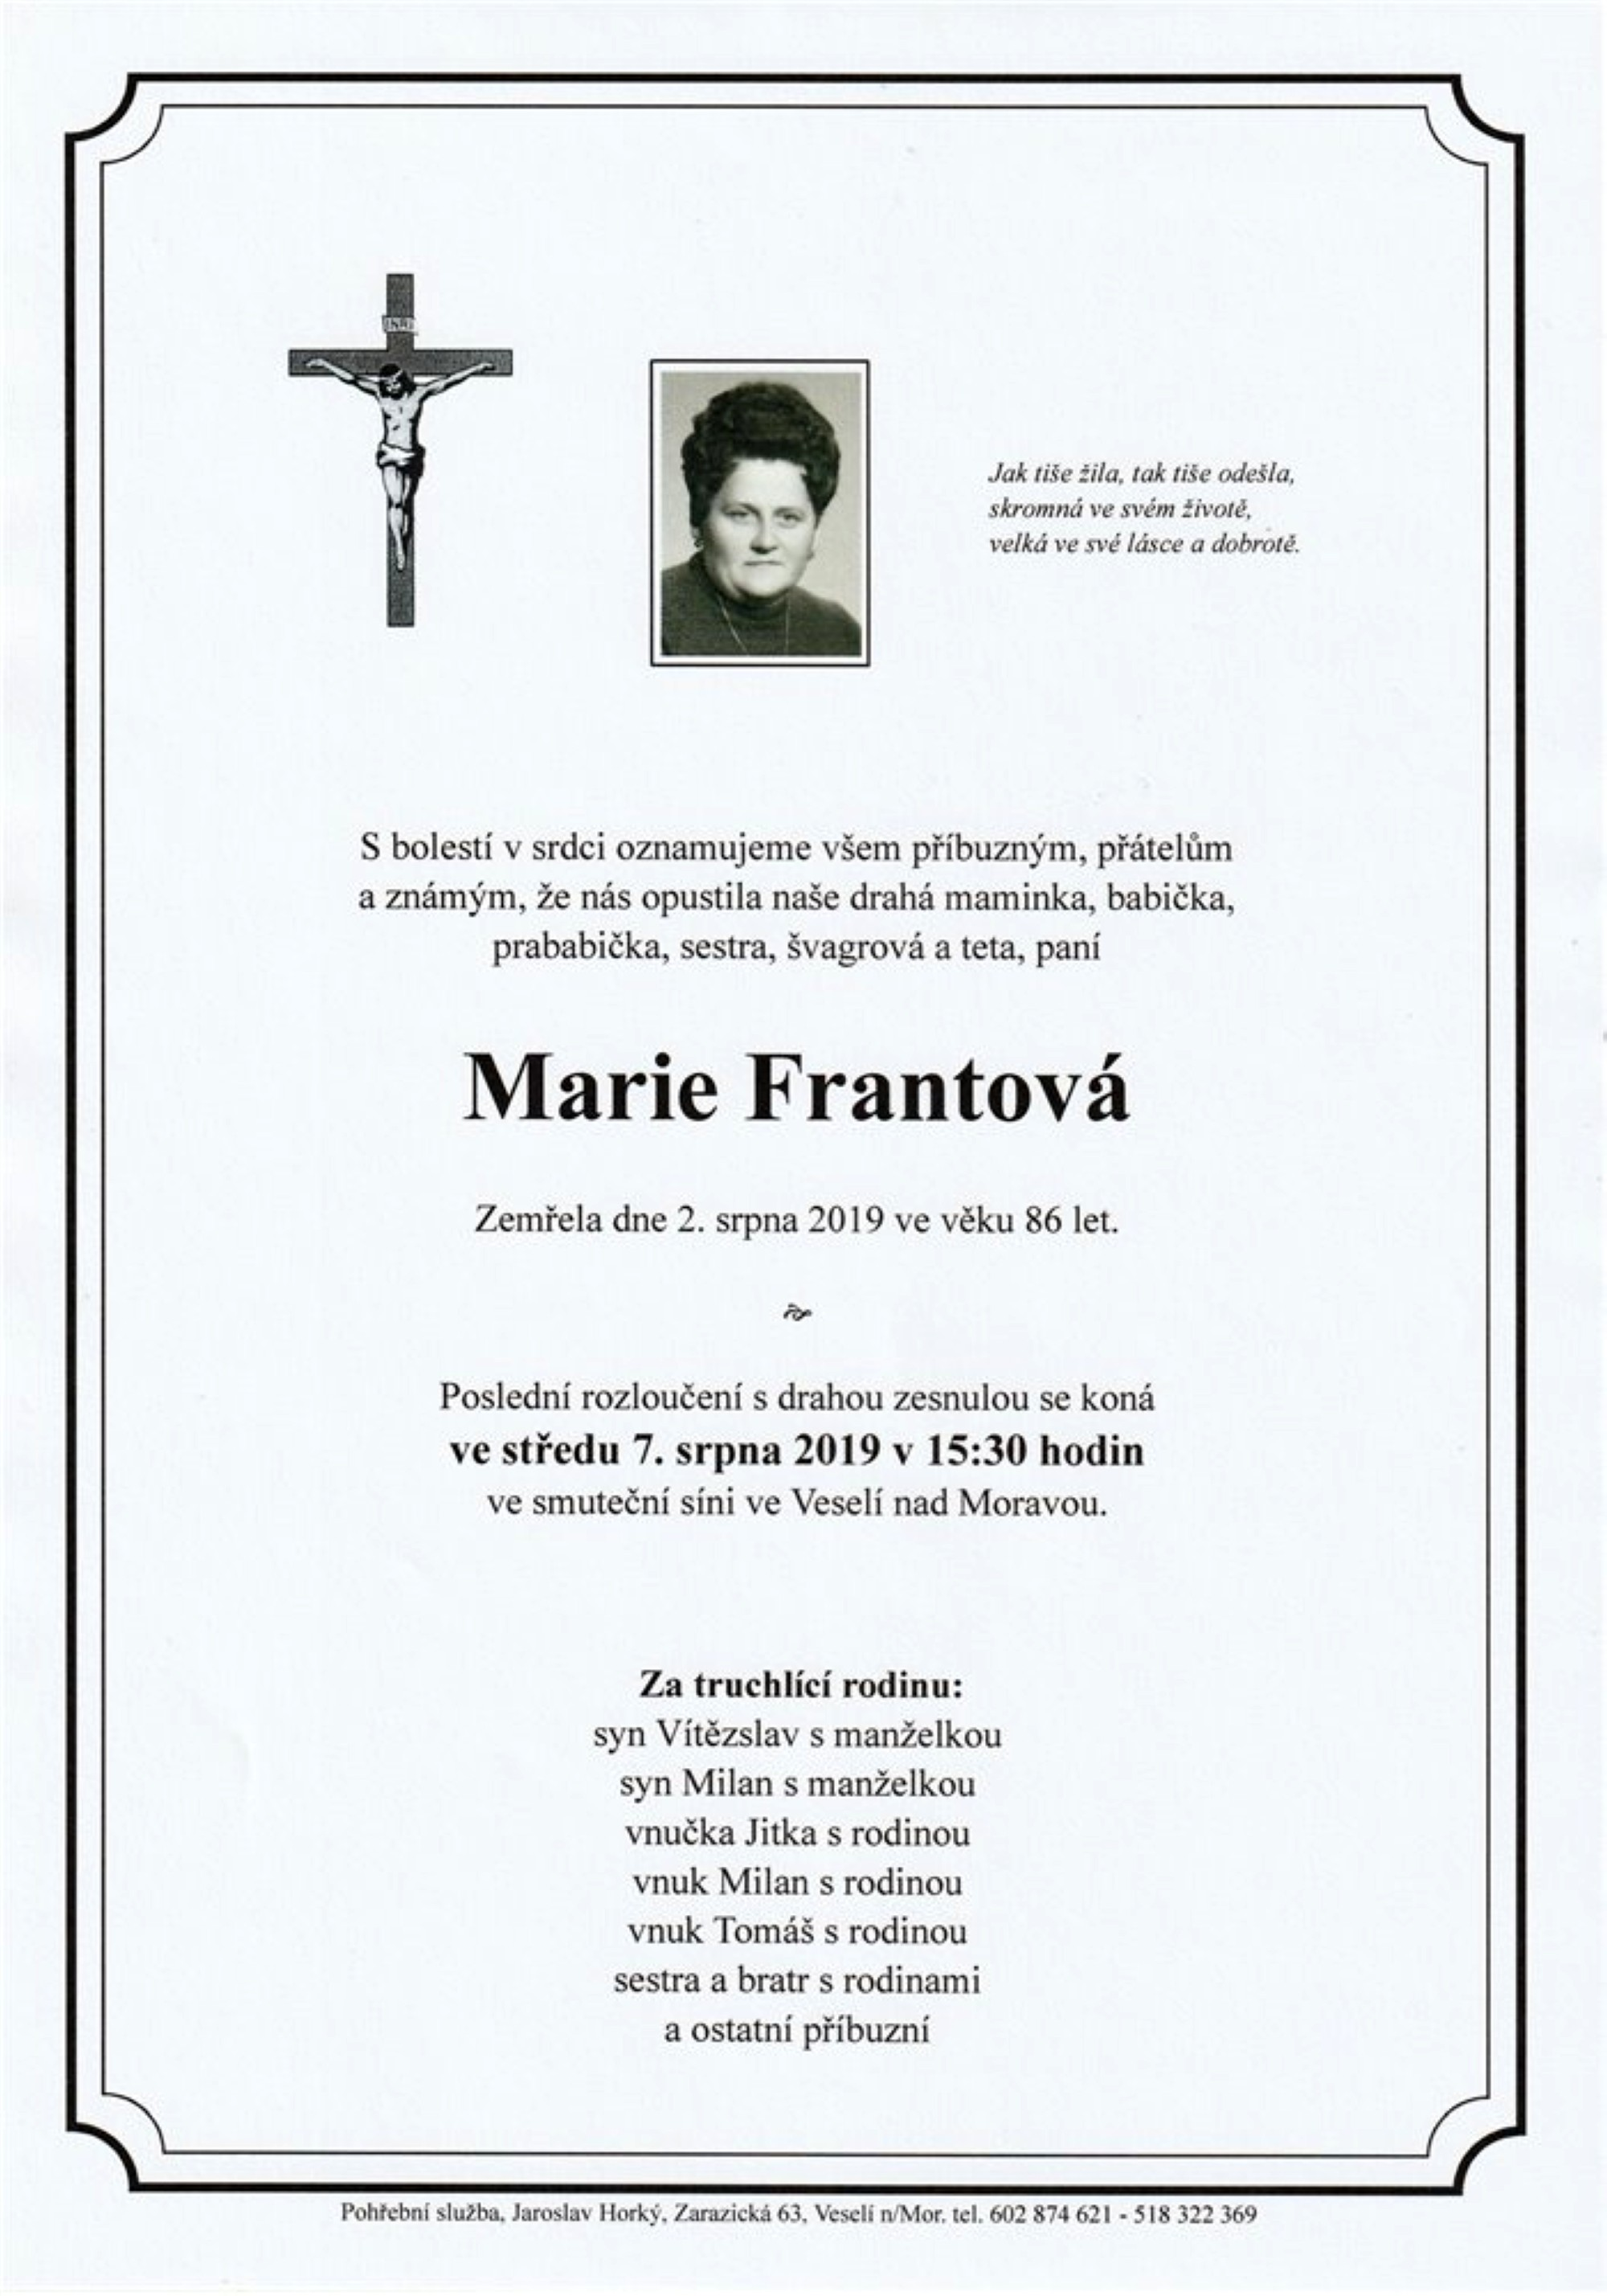 Marie Frantová